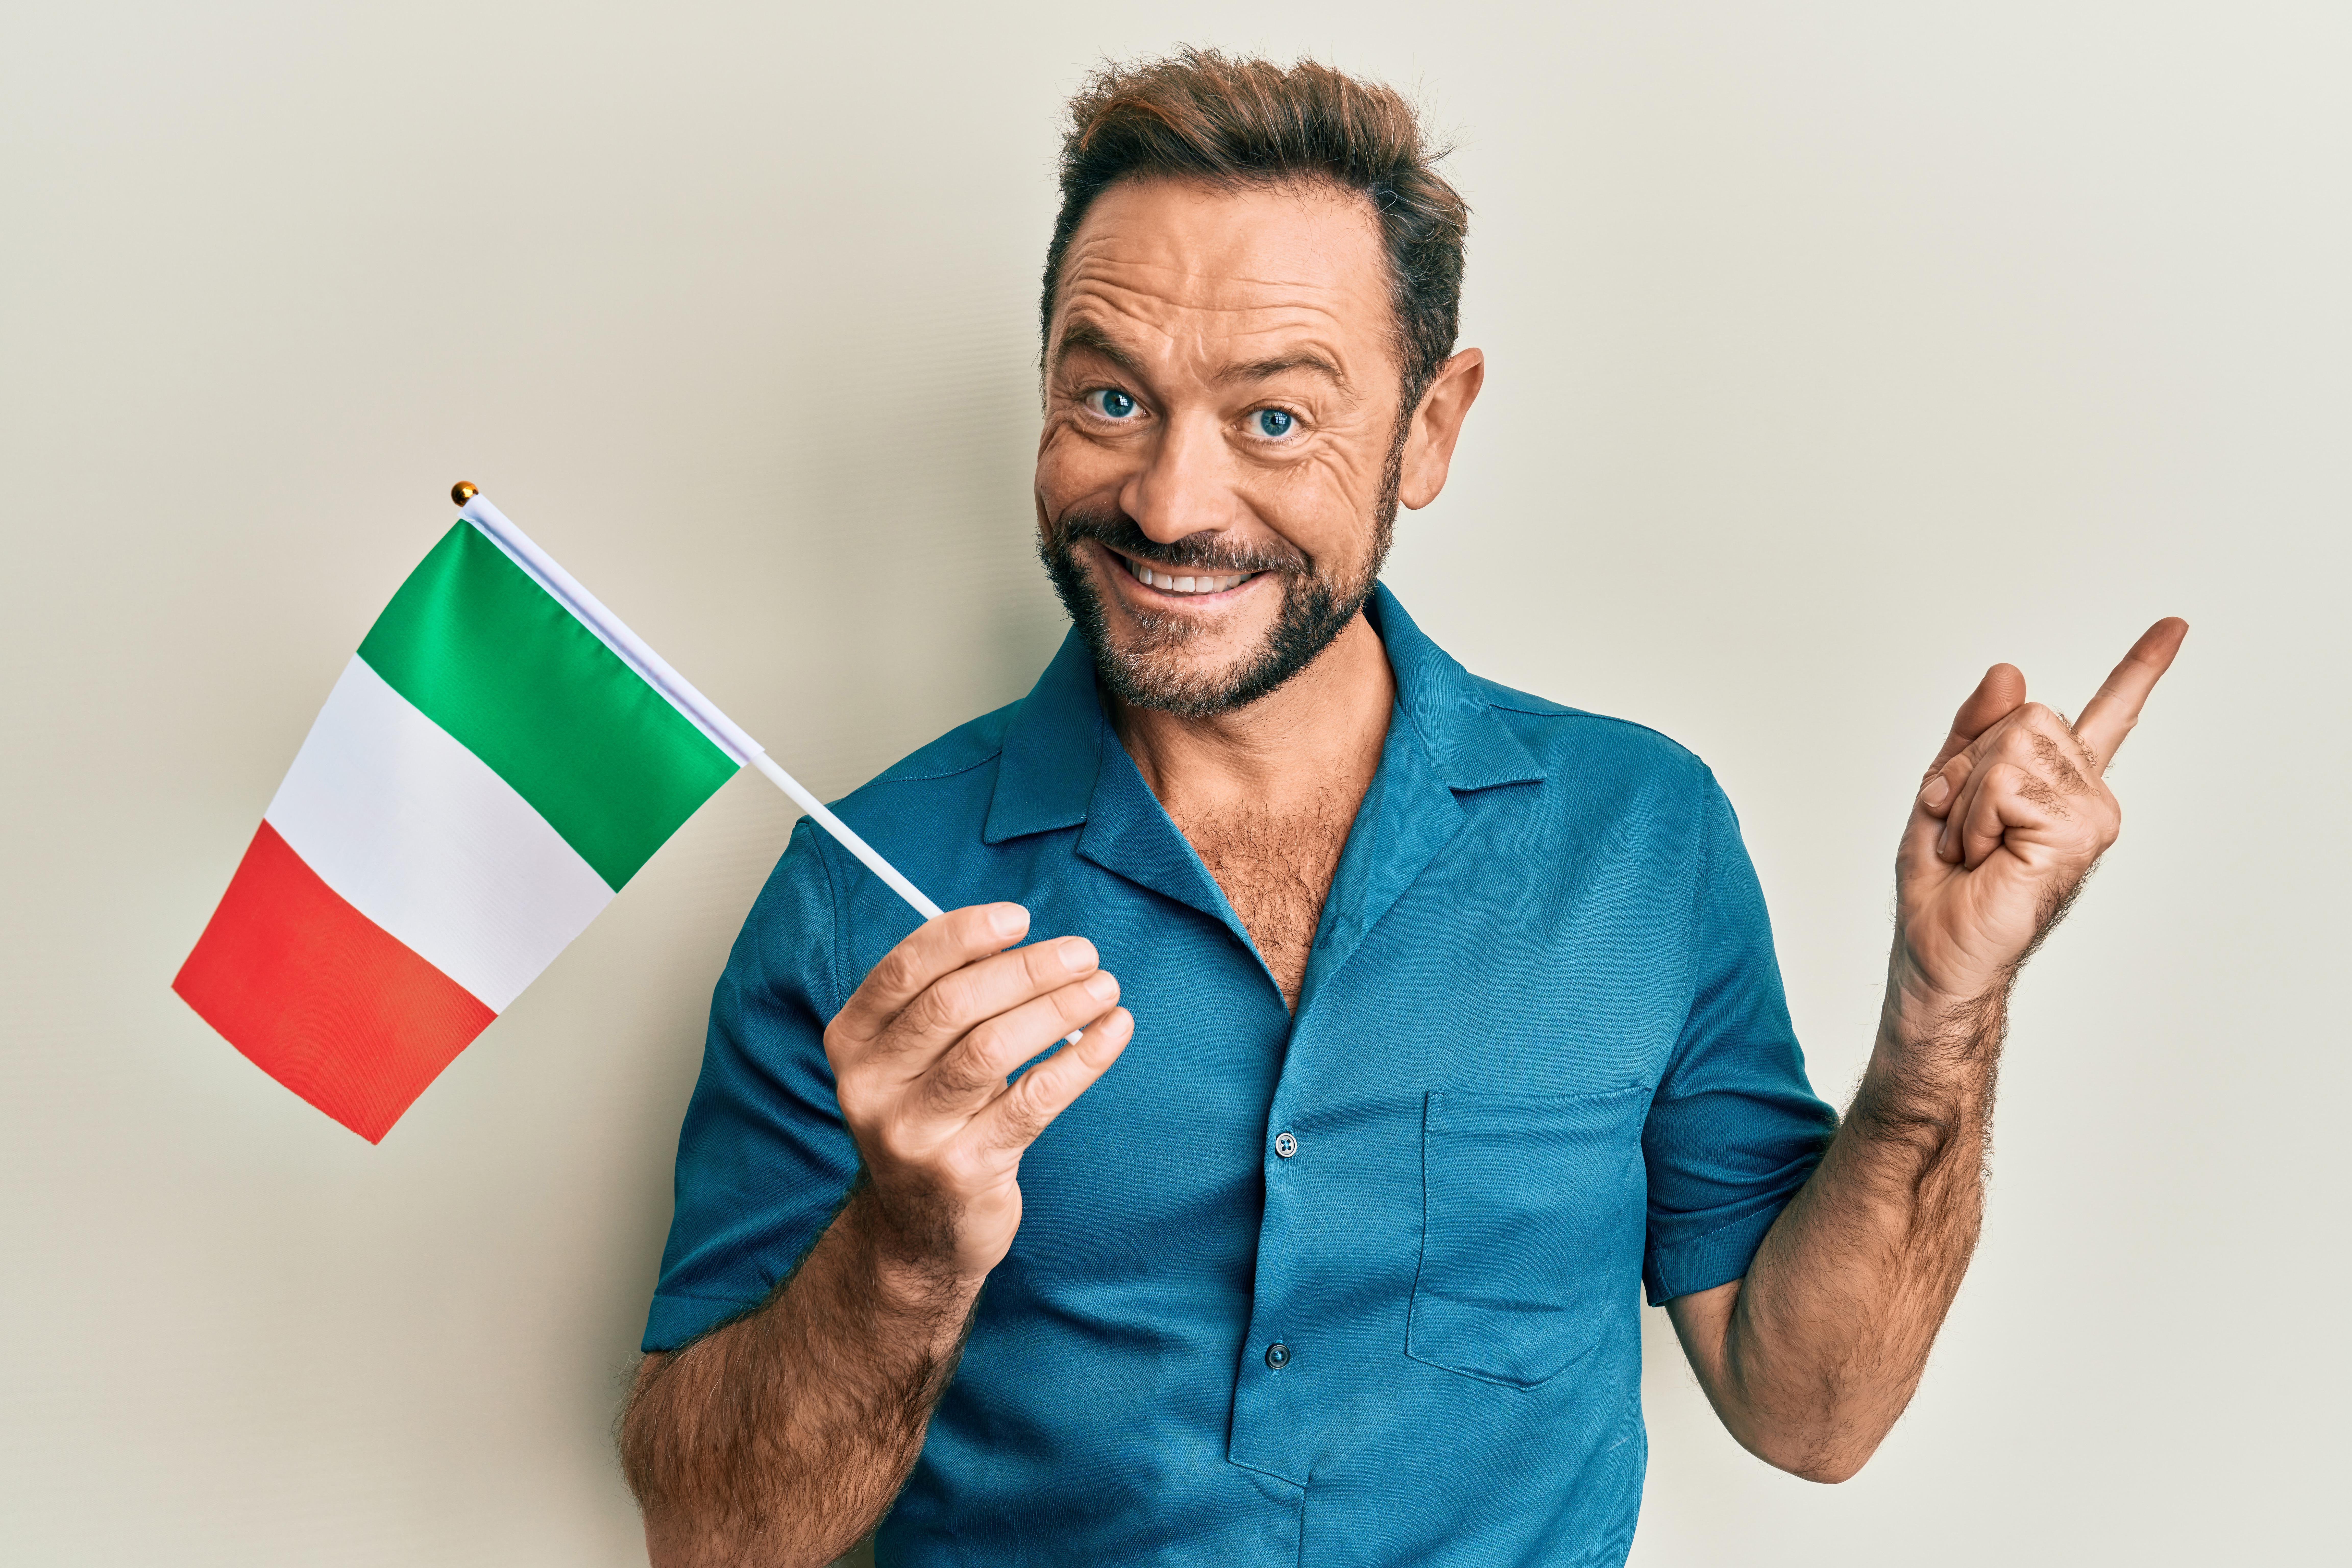 Мужчина с флагом Италии, паспорт которой можно получить согласно отзывам